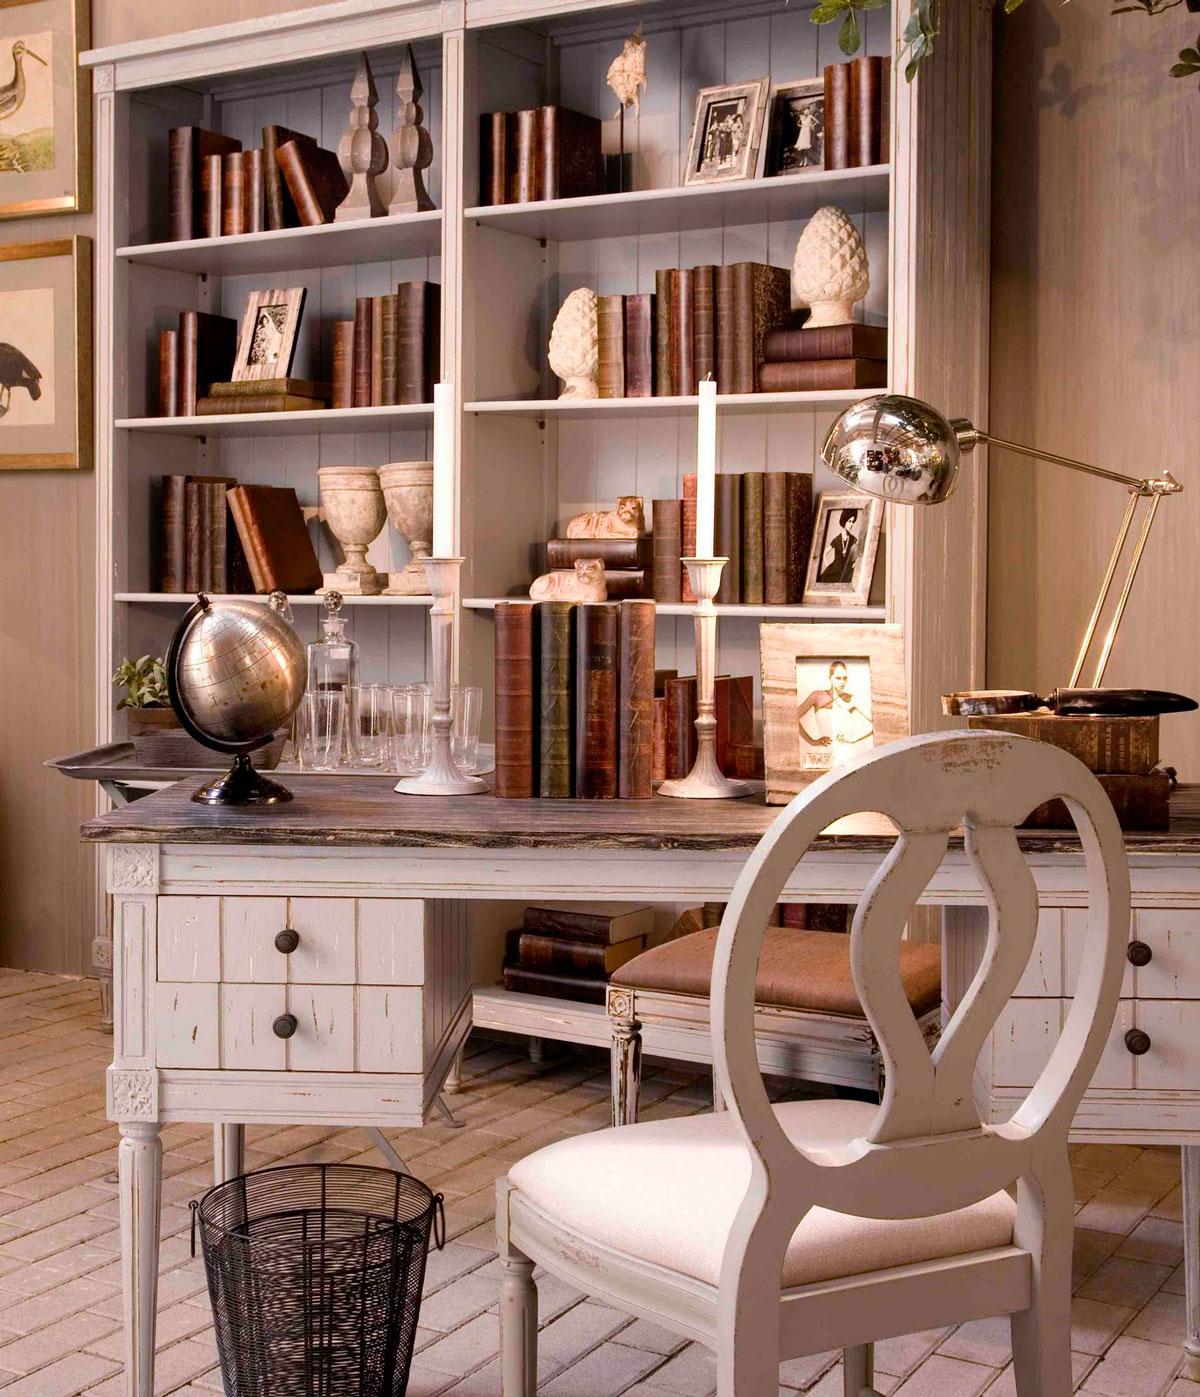 Postarzane, bielone, woskowane biurko z przecieranym blatem i złoceniami oraz biblioteczka w ponadczasowym gabinecie